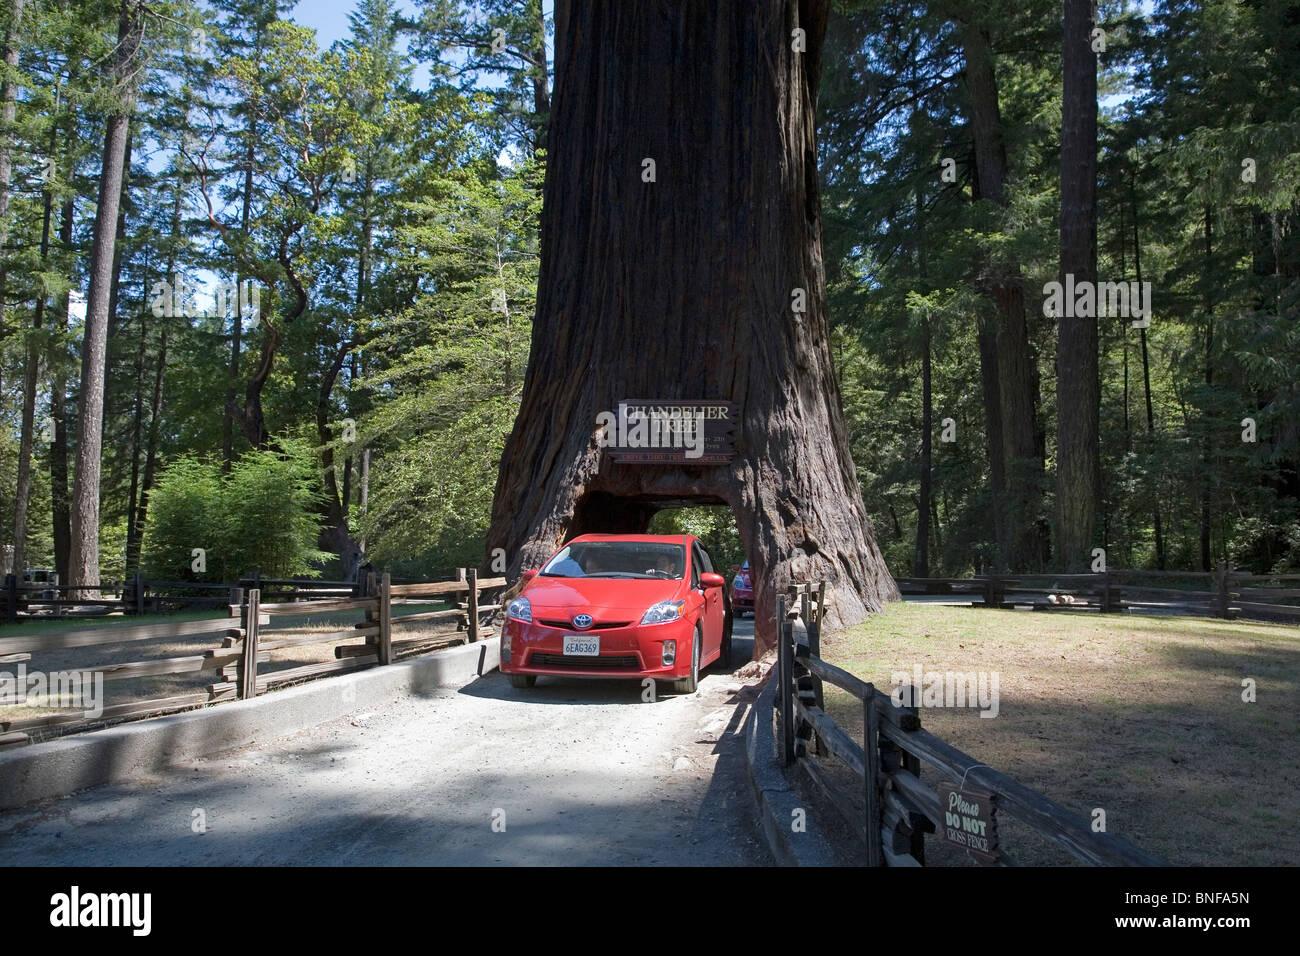 Un automóvil a través del árbol de Chandler, una unidad a través de la secoya en las Secoyas de California Foto de stock